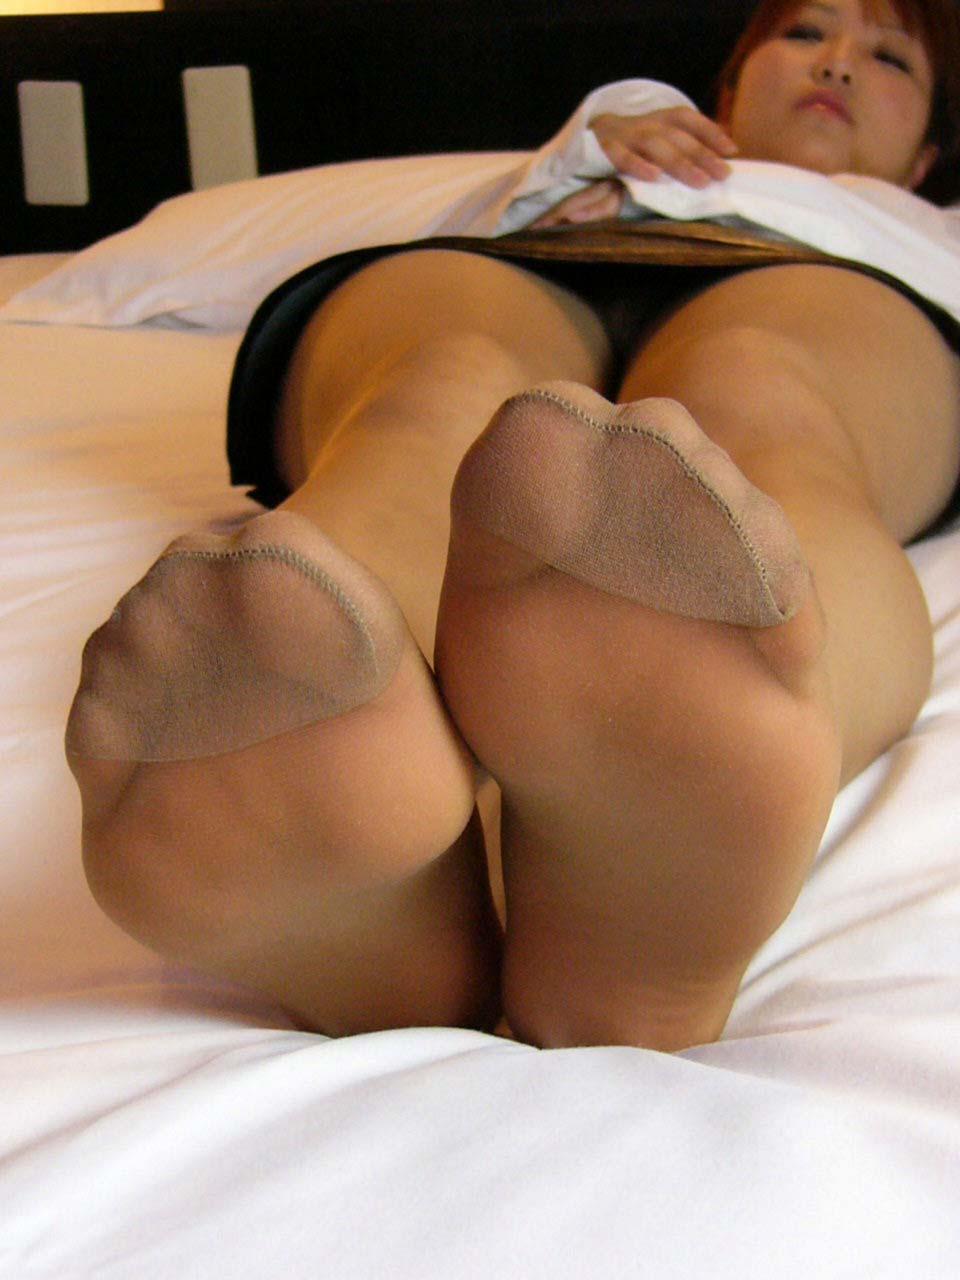 酸っぱ塩っぱい味がする女の子の足の裏フェチエロ画像 2612